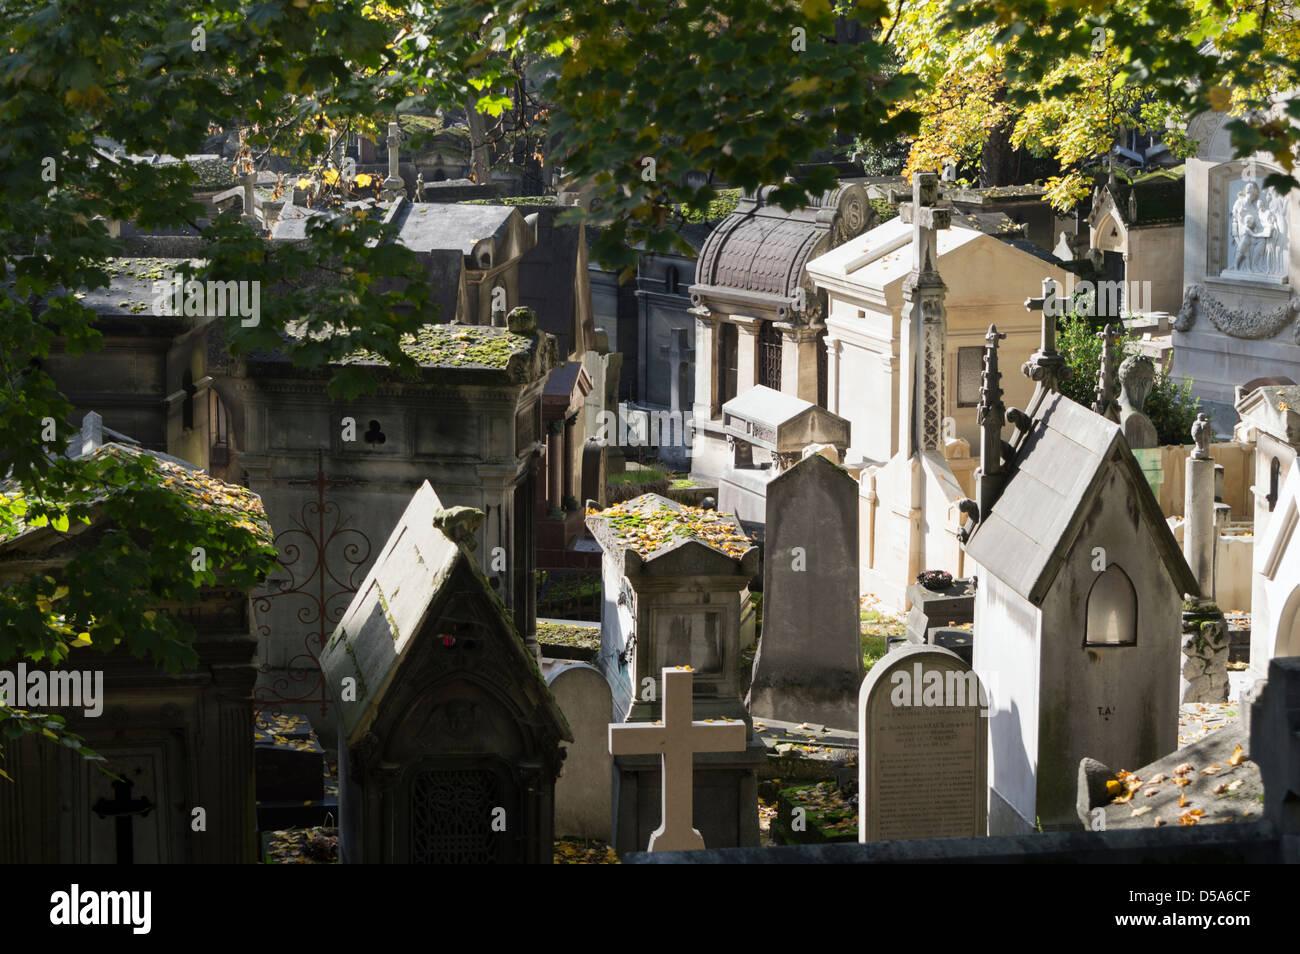 Père Lachaise Cemetery (Cimetière du Père-Lachaise) in autumn - Stock Image